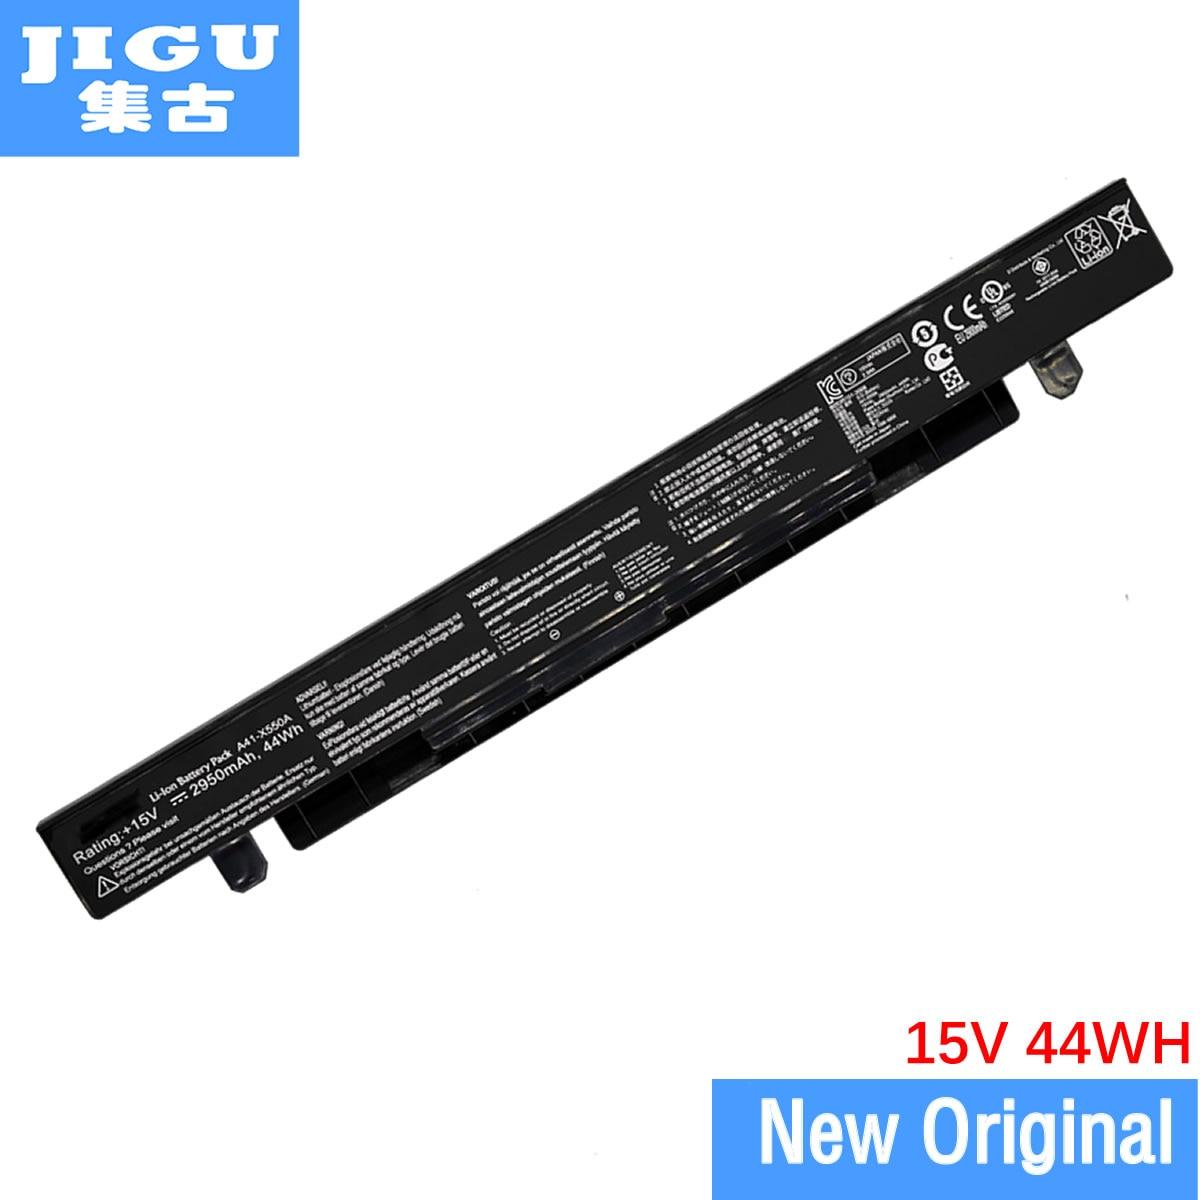 JIGU A41-X550 A41-X550A Original batería de portátil para Asus A450 A450E1007CC-SL A450E3217CC-SL A450E323VB-SL A450E323VC-SL